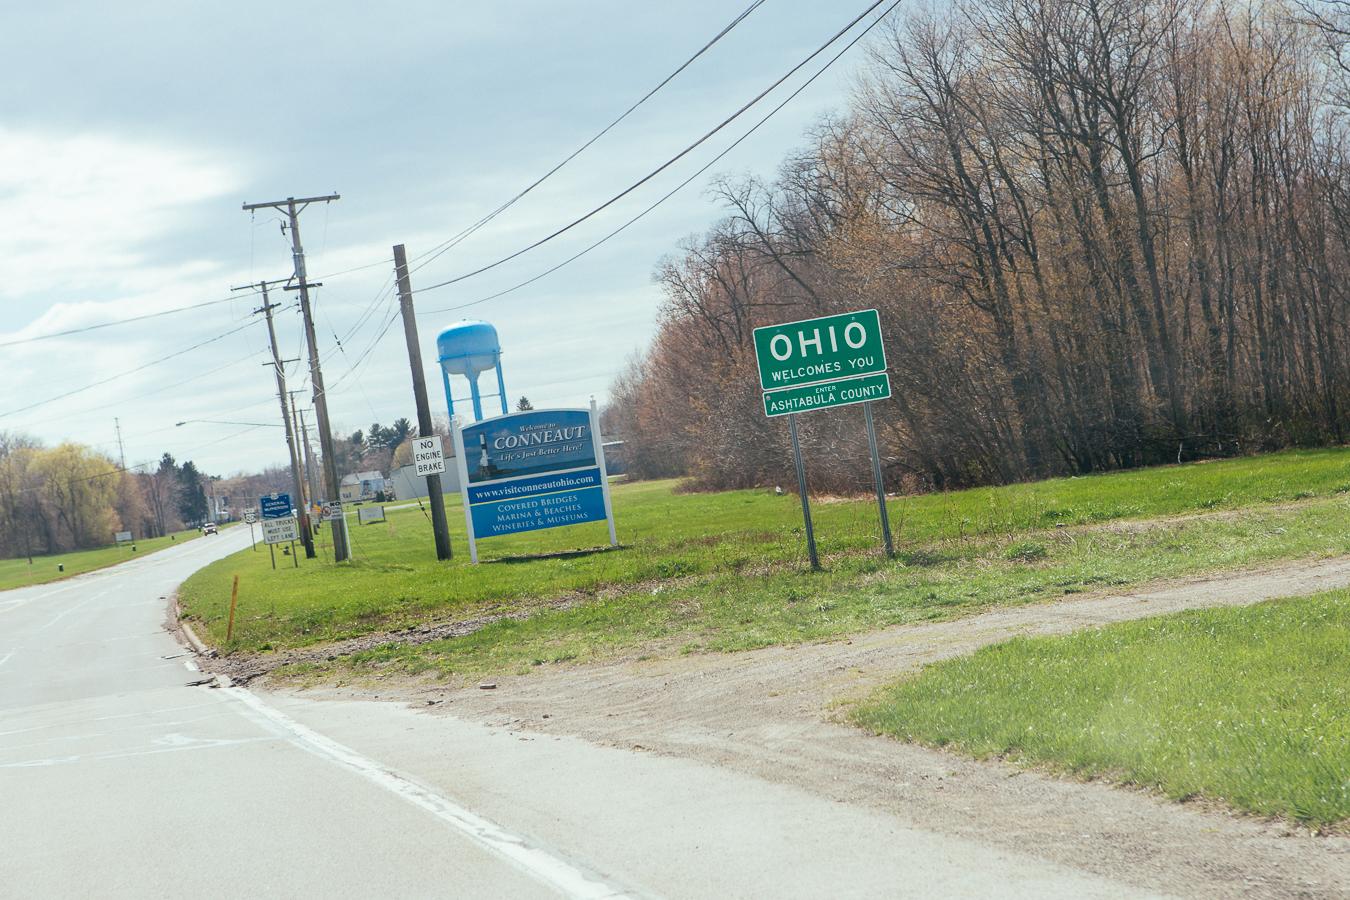 Oh hey, Ohio.